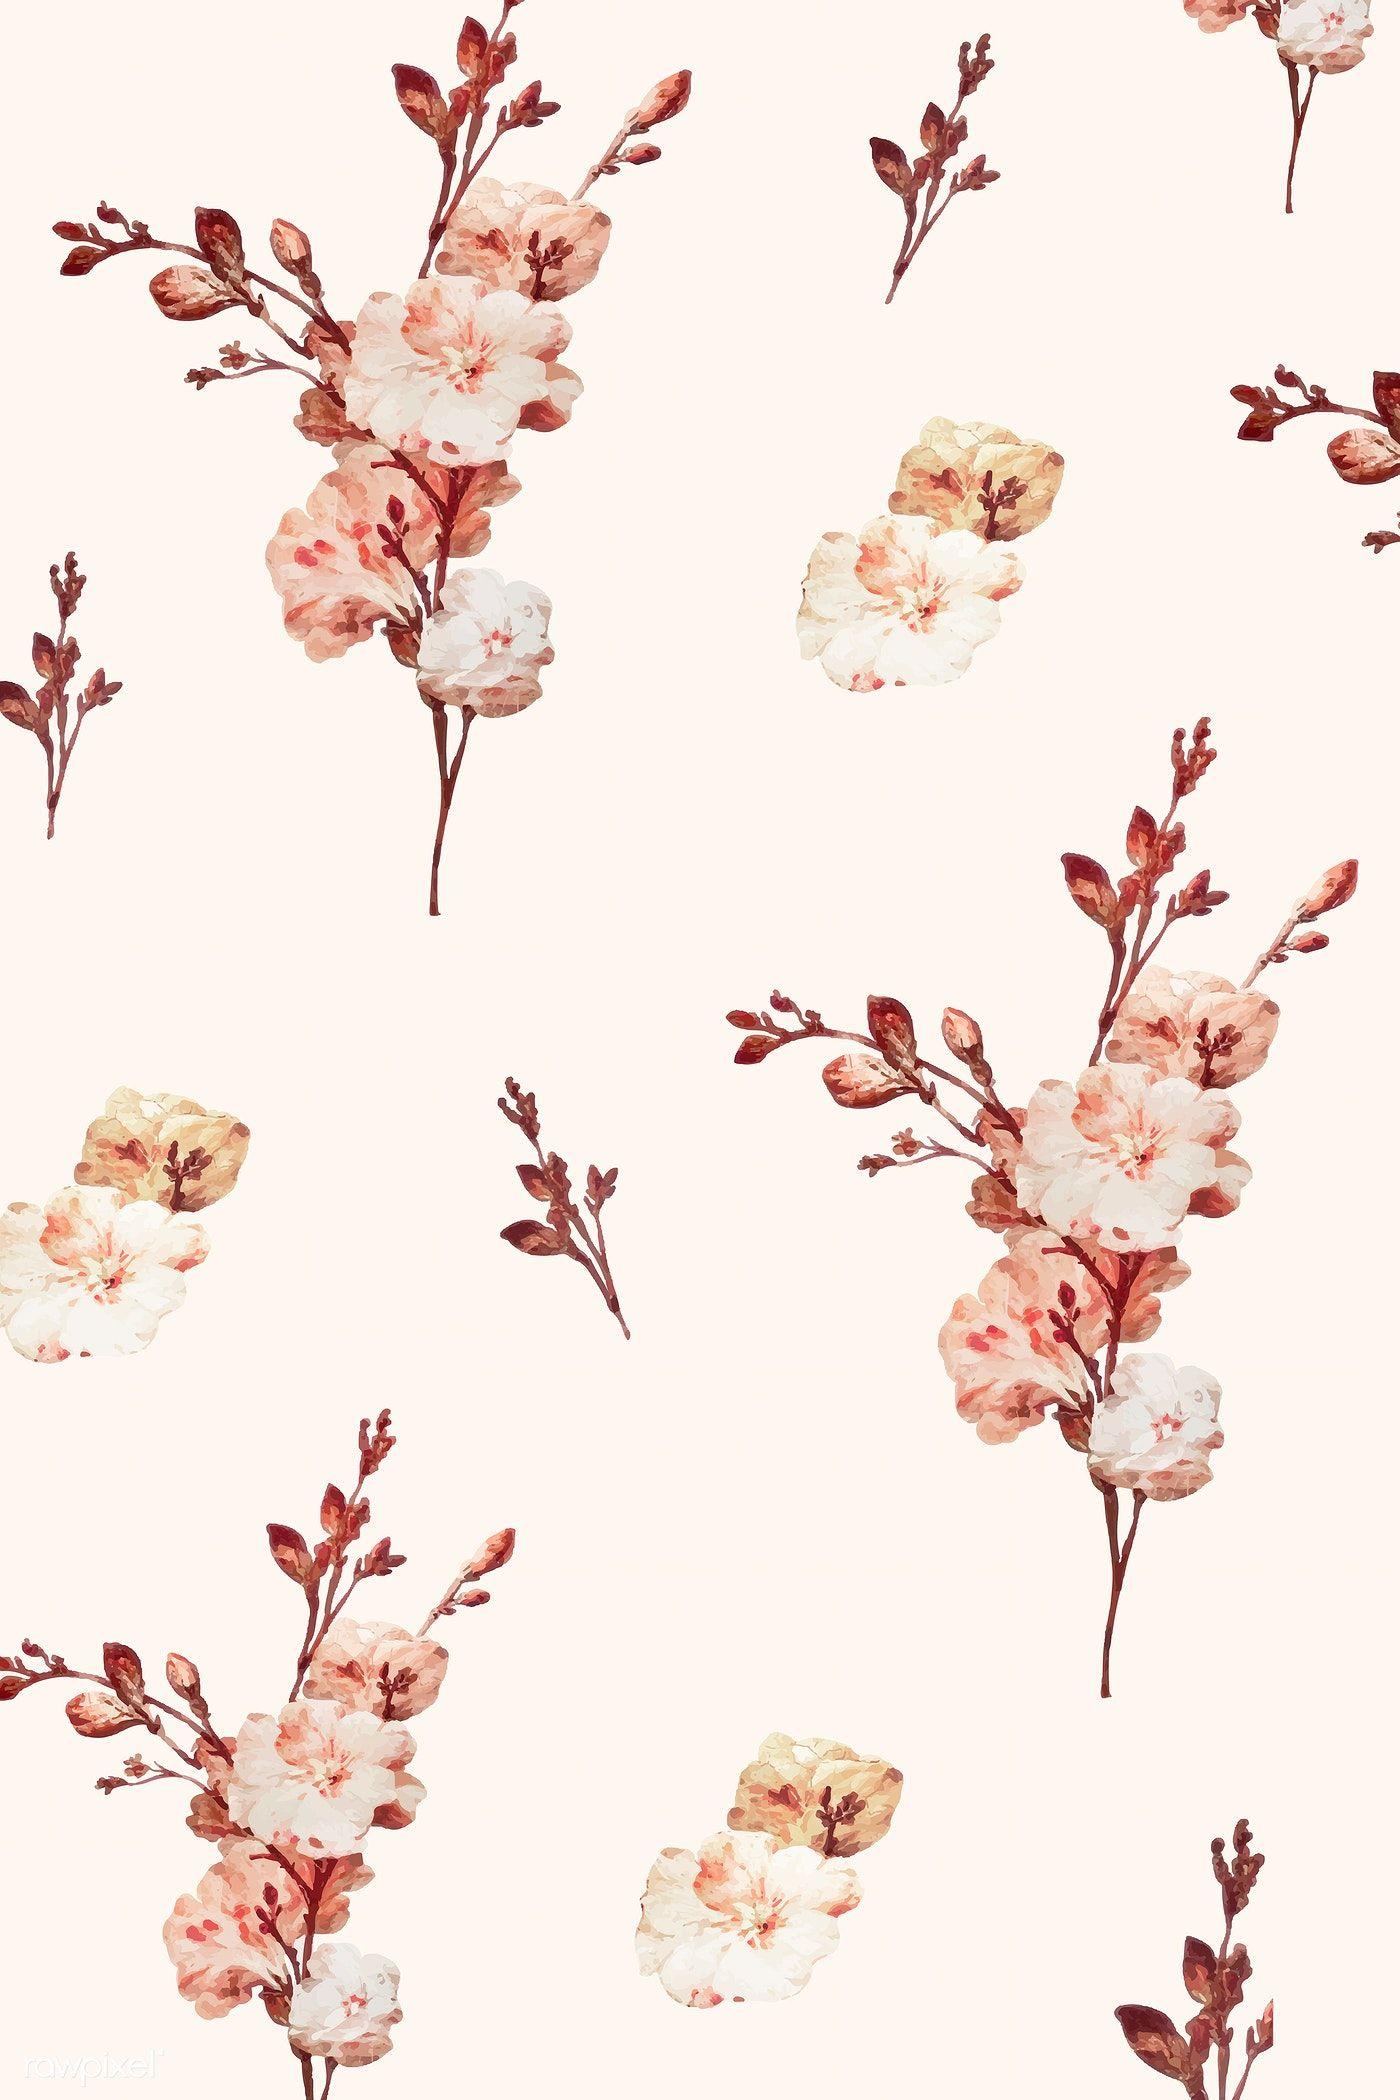 Vintage Floral Background Illustration Vector Premium Image By